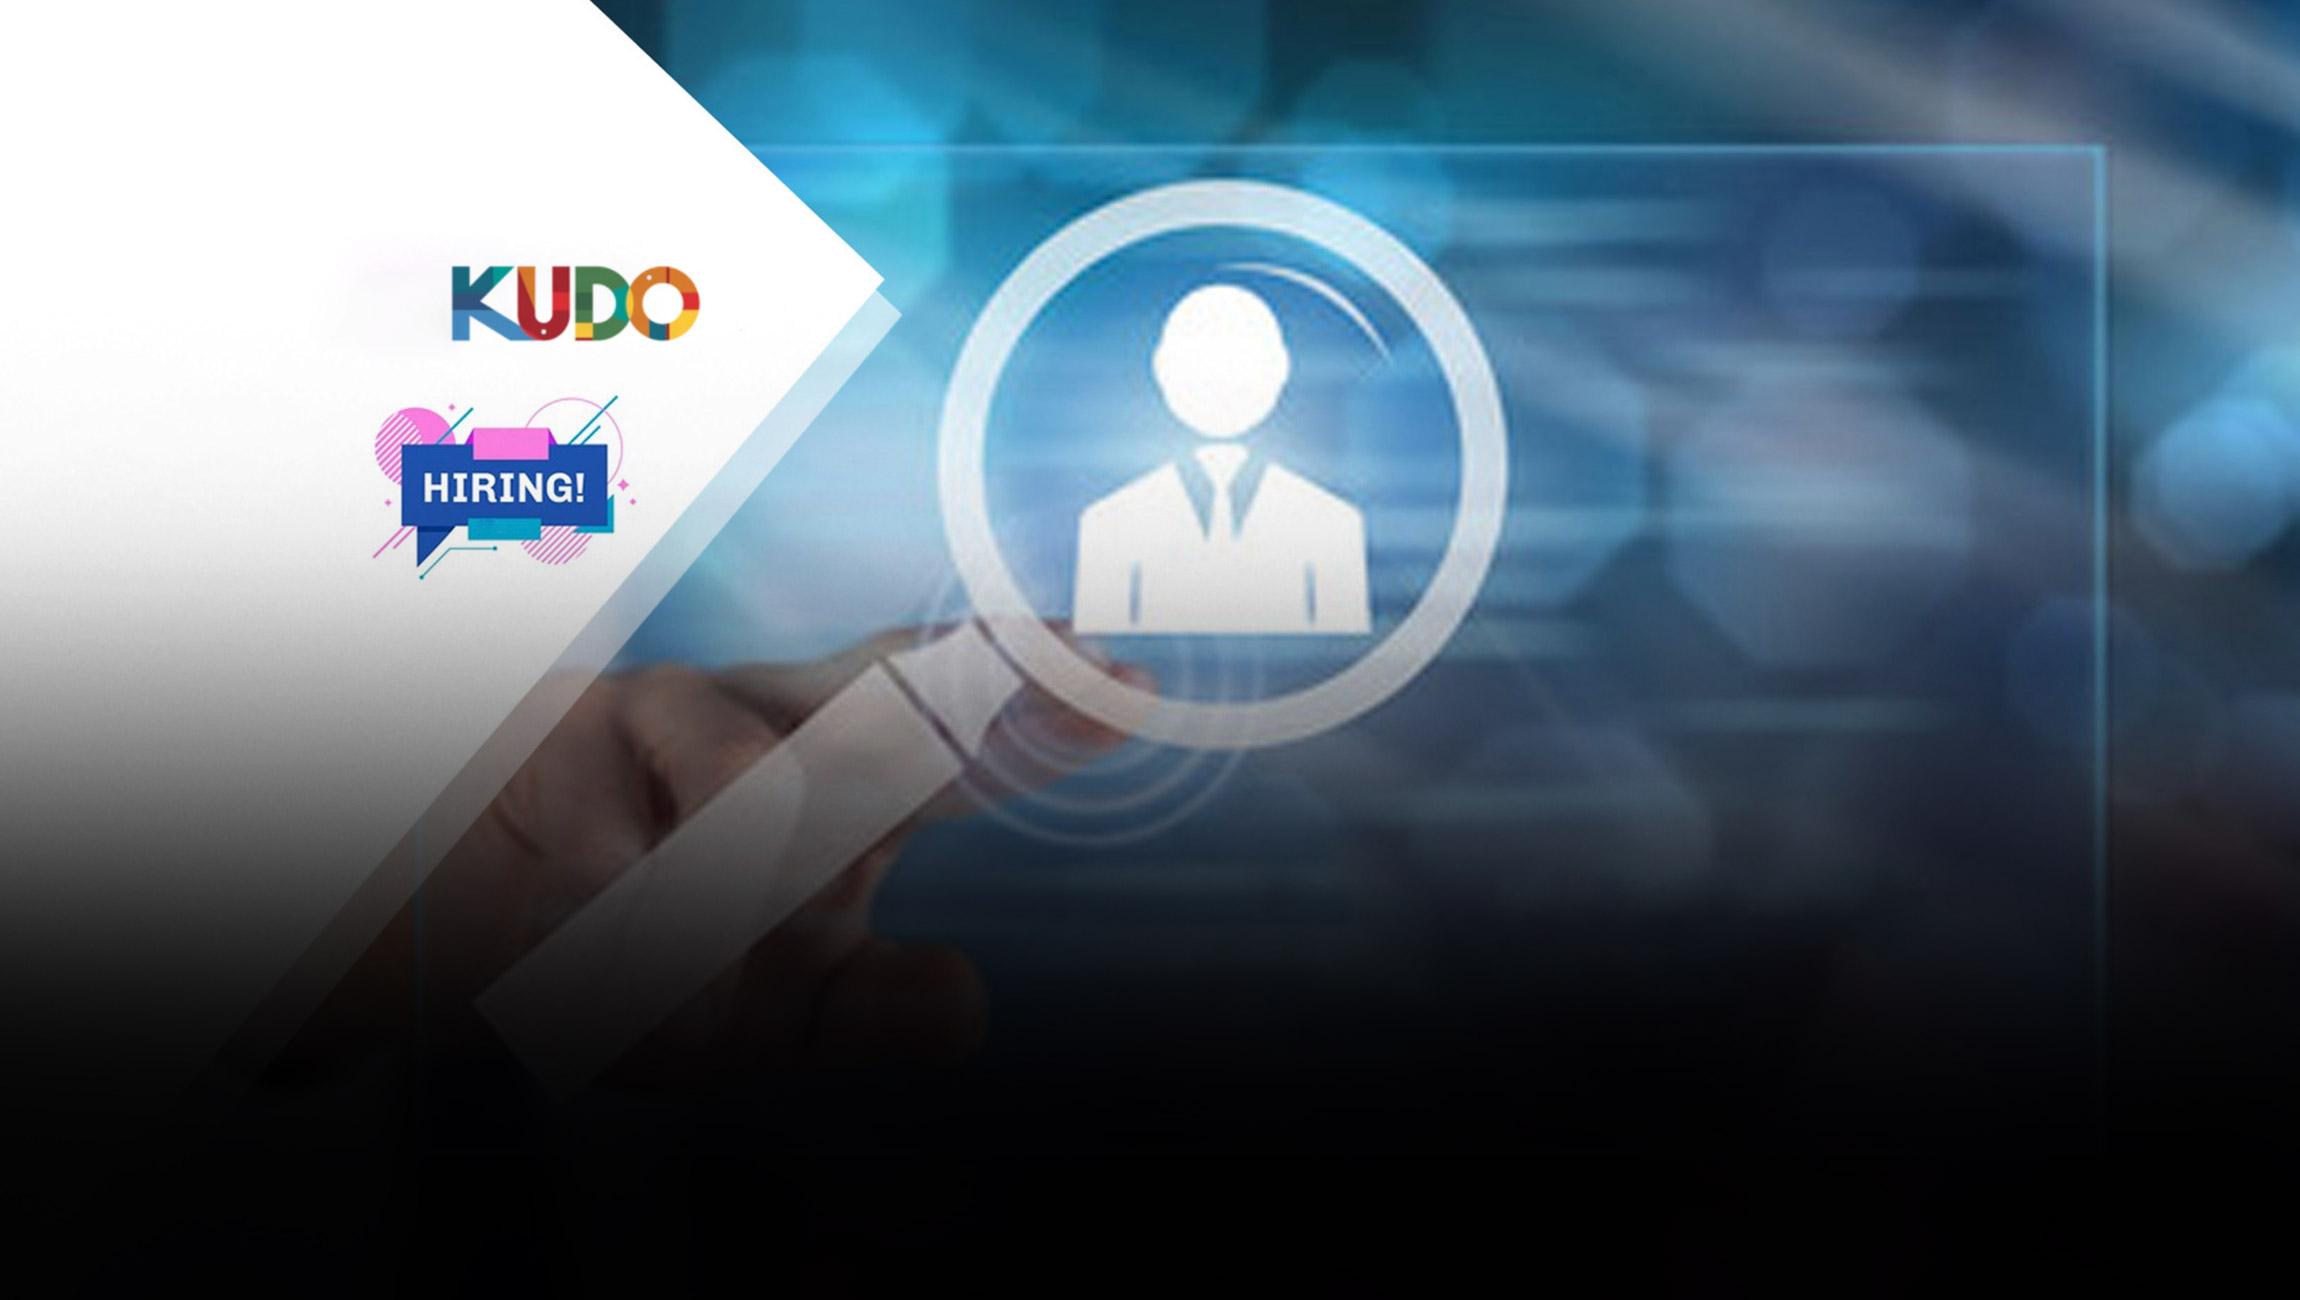 KUDO Adds SaaS Sales Expert, Noel Hillman to theExecutiveTeam as VP of Sales